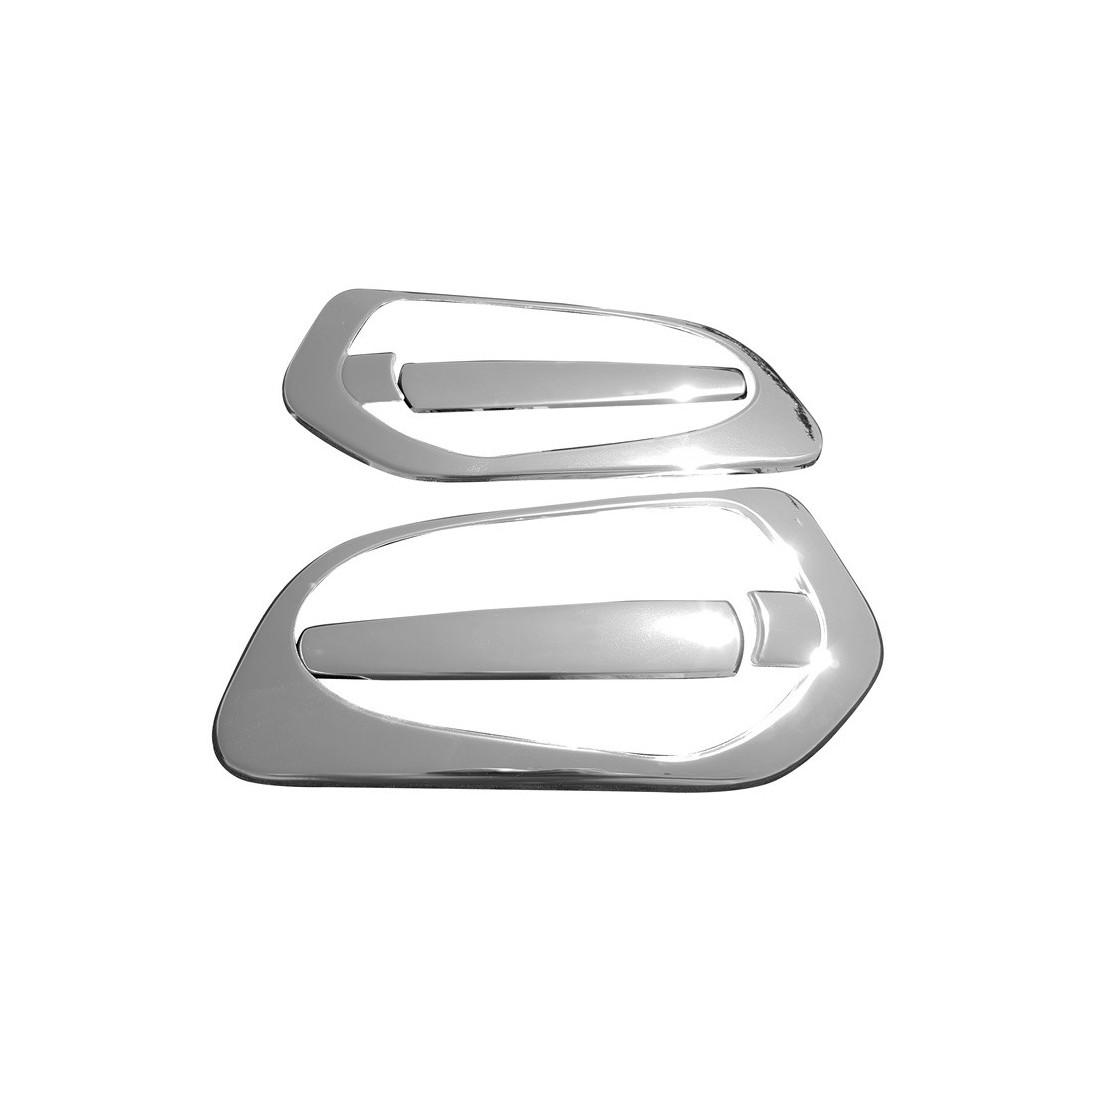 MERCEDES ACTROS MP4 door hanlde cover inox chrome 3D